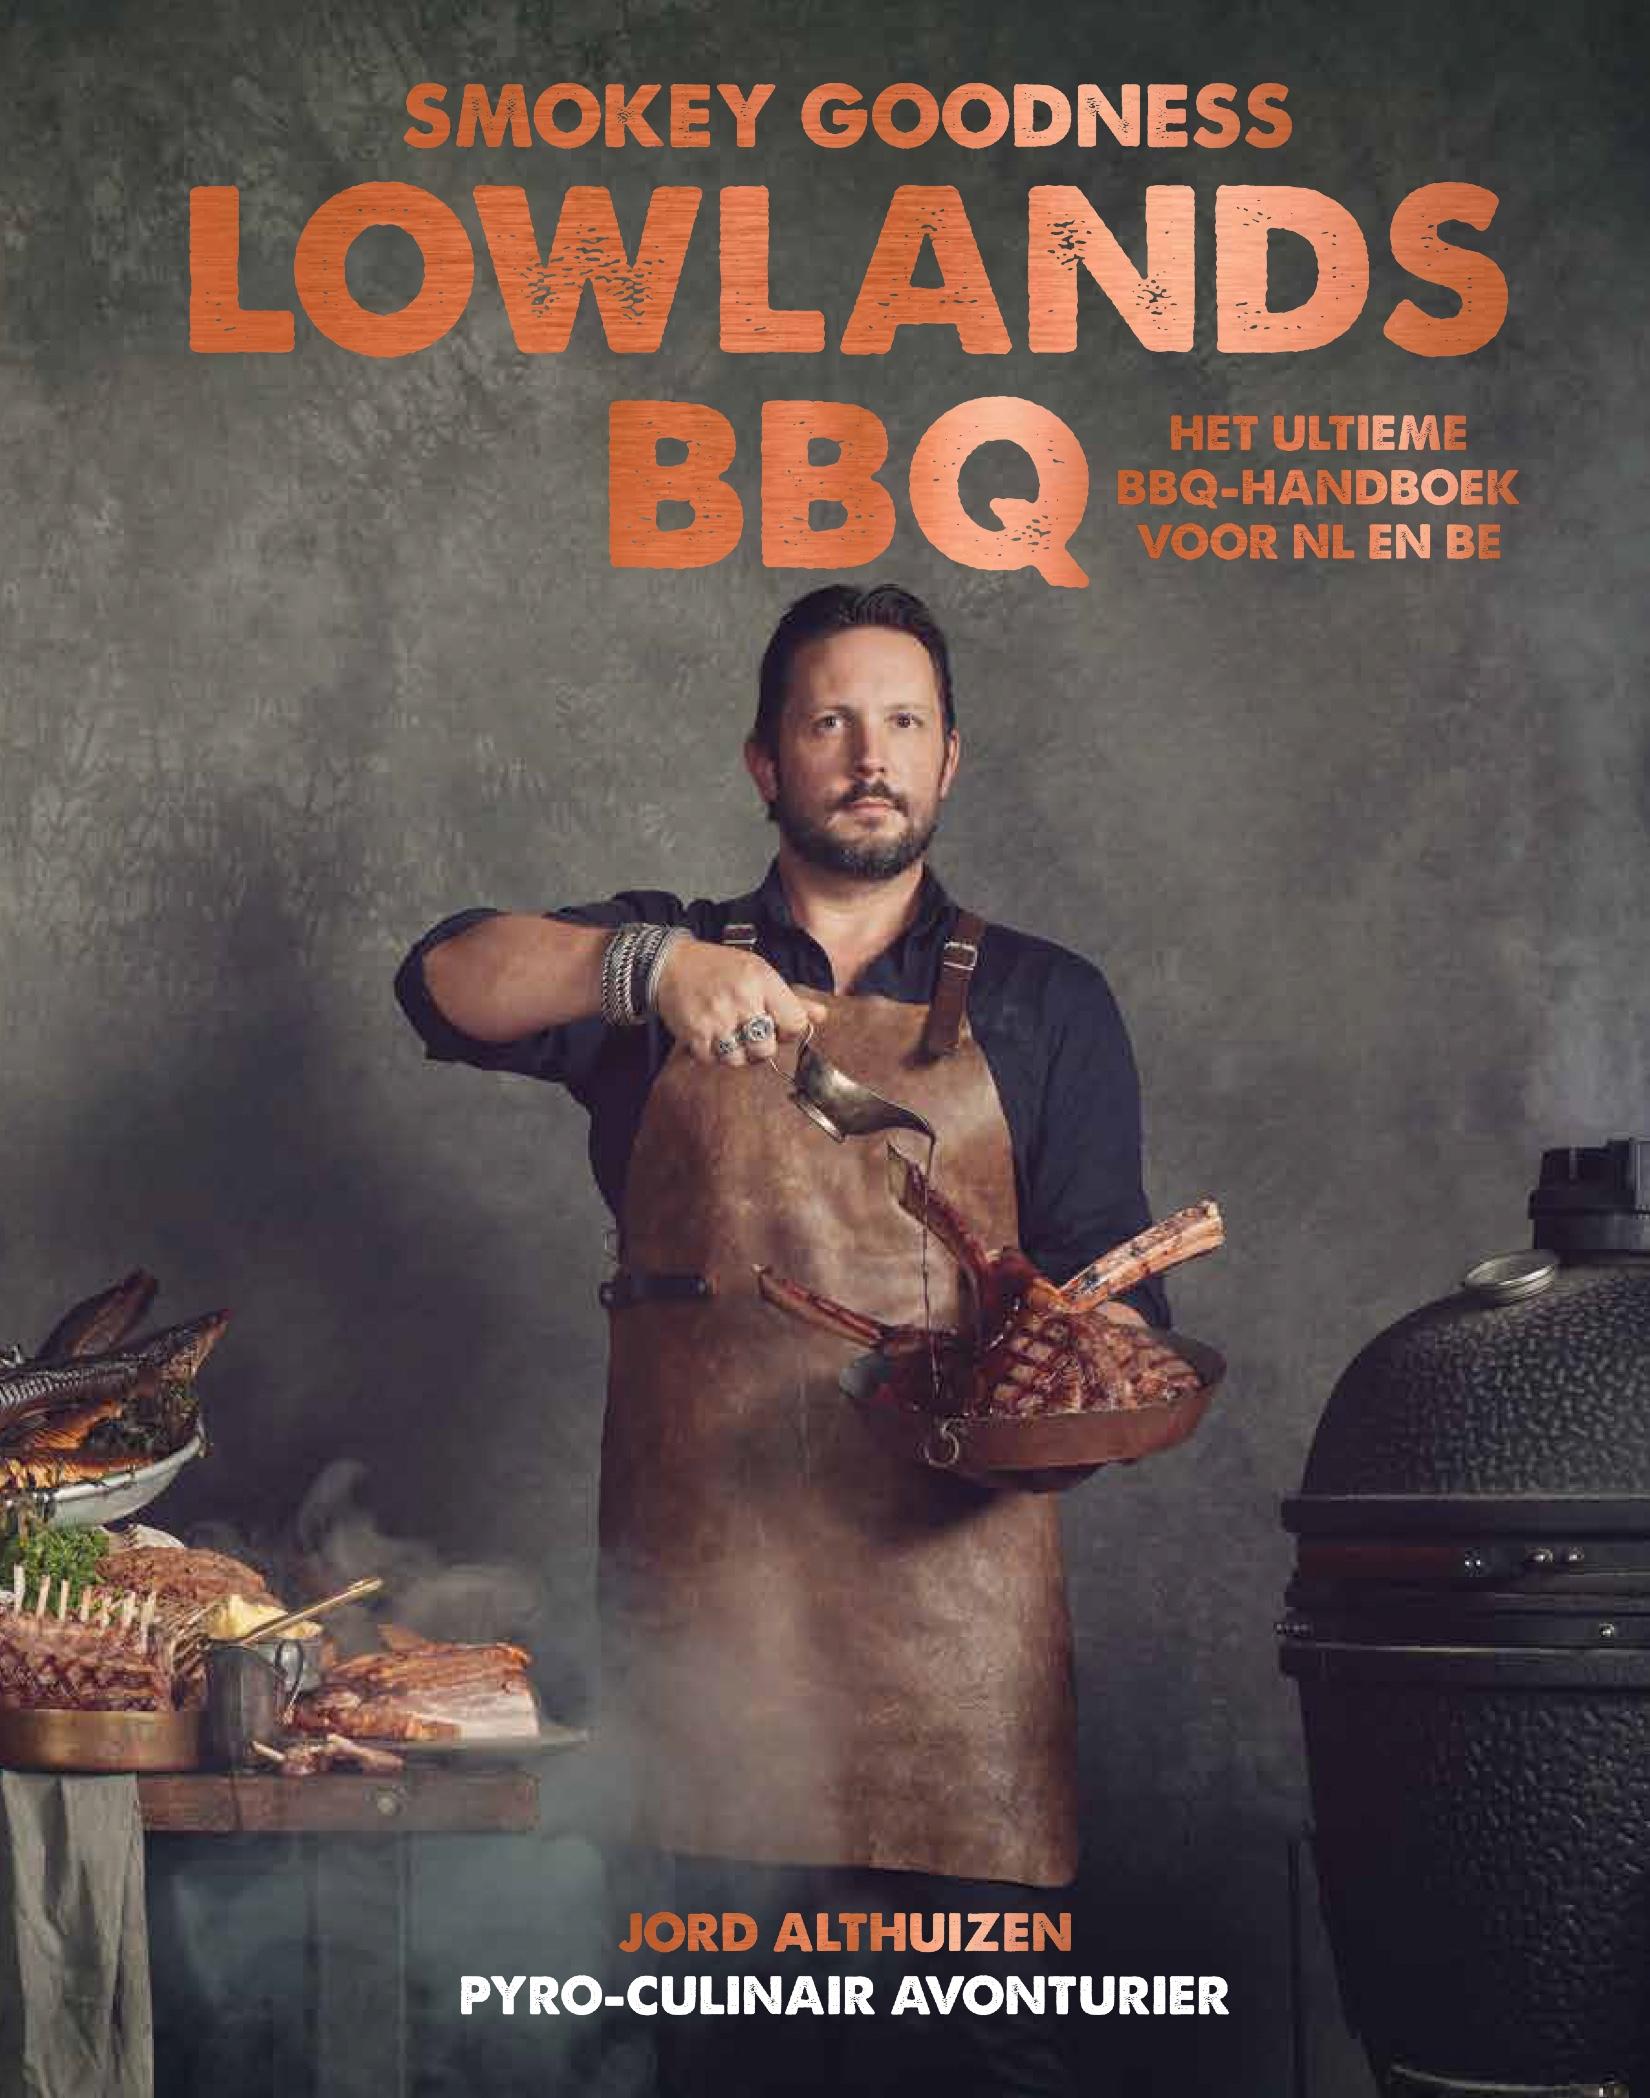 Smokey Goodness Lowlands BBQ - boekenflits